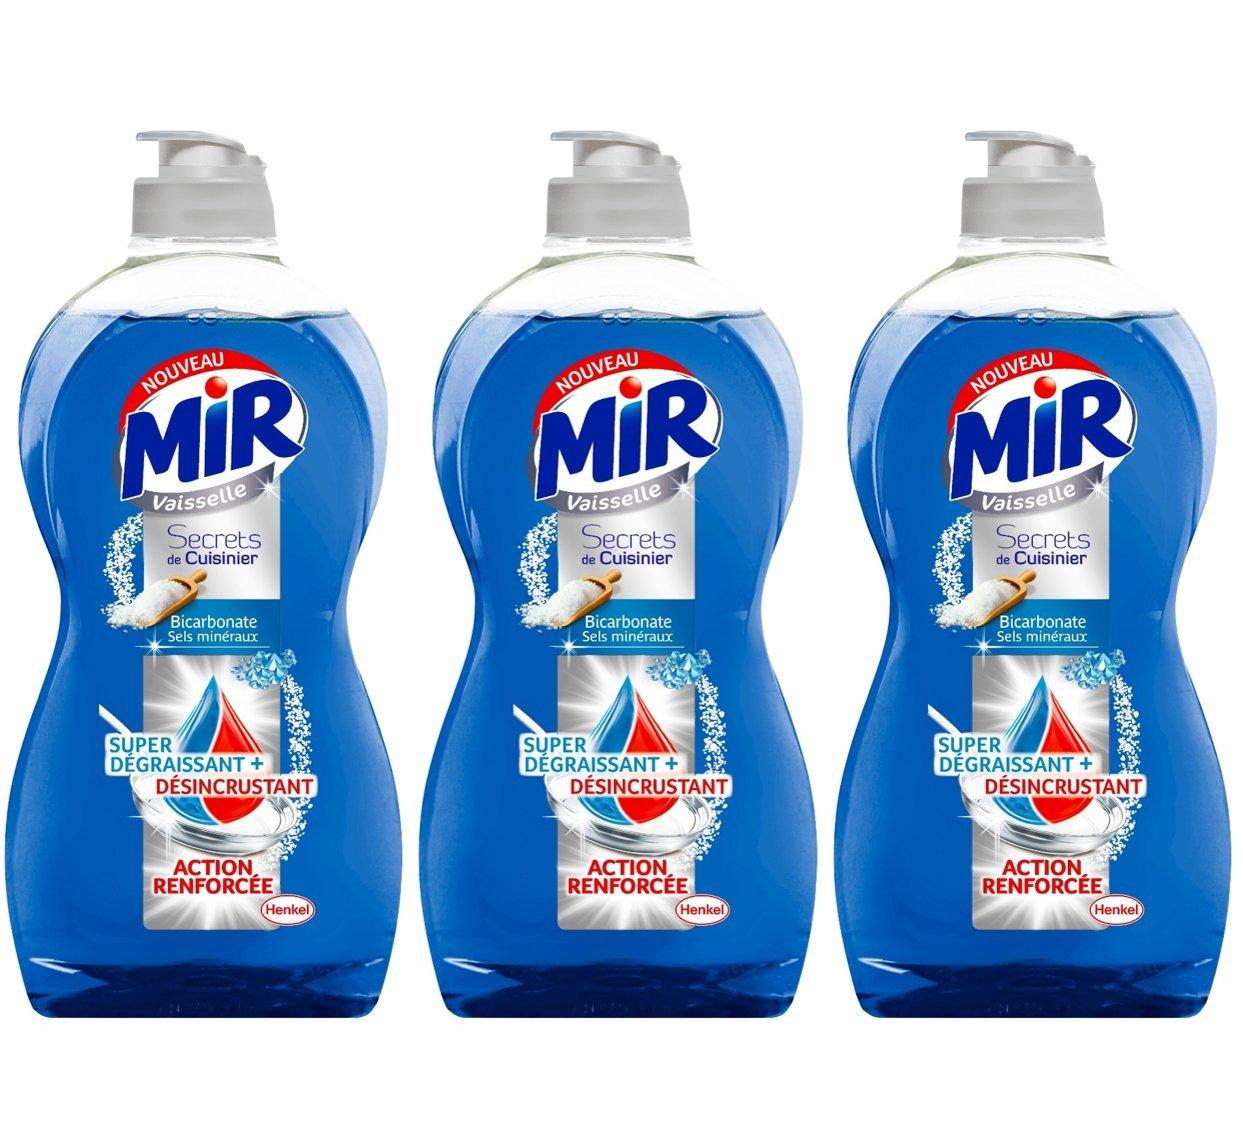 Nettoyer lave vaisselle bicarbonate ces substances que - Bicarbonate de soude lave vaisselle ...